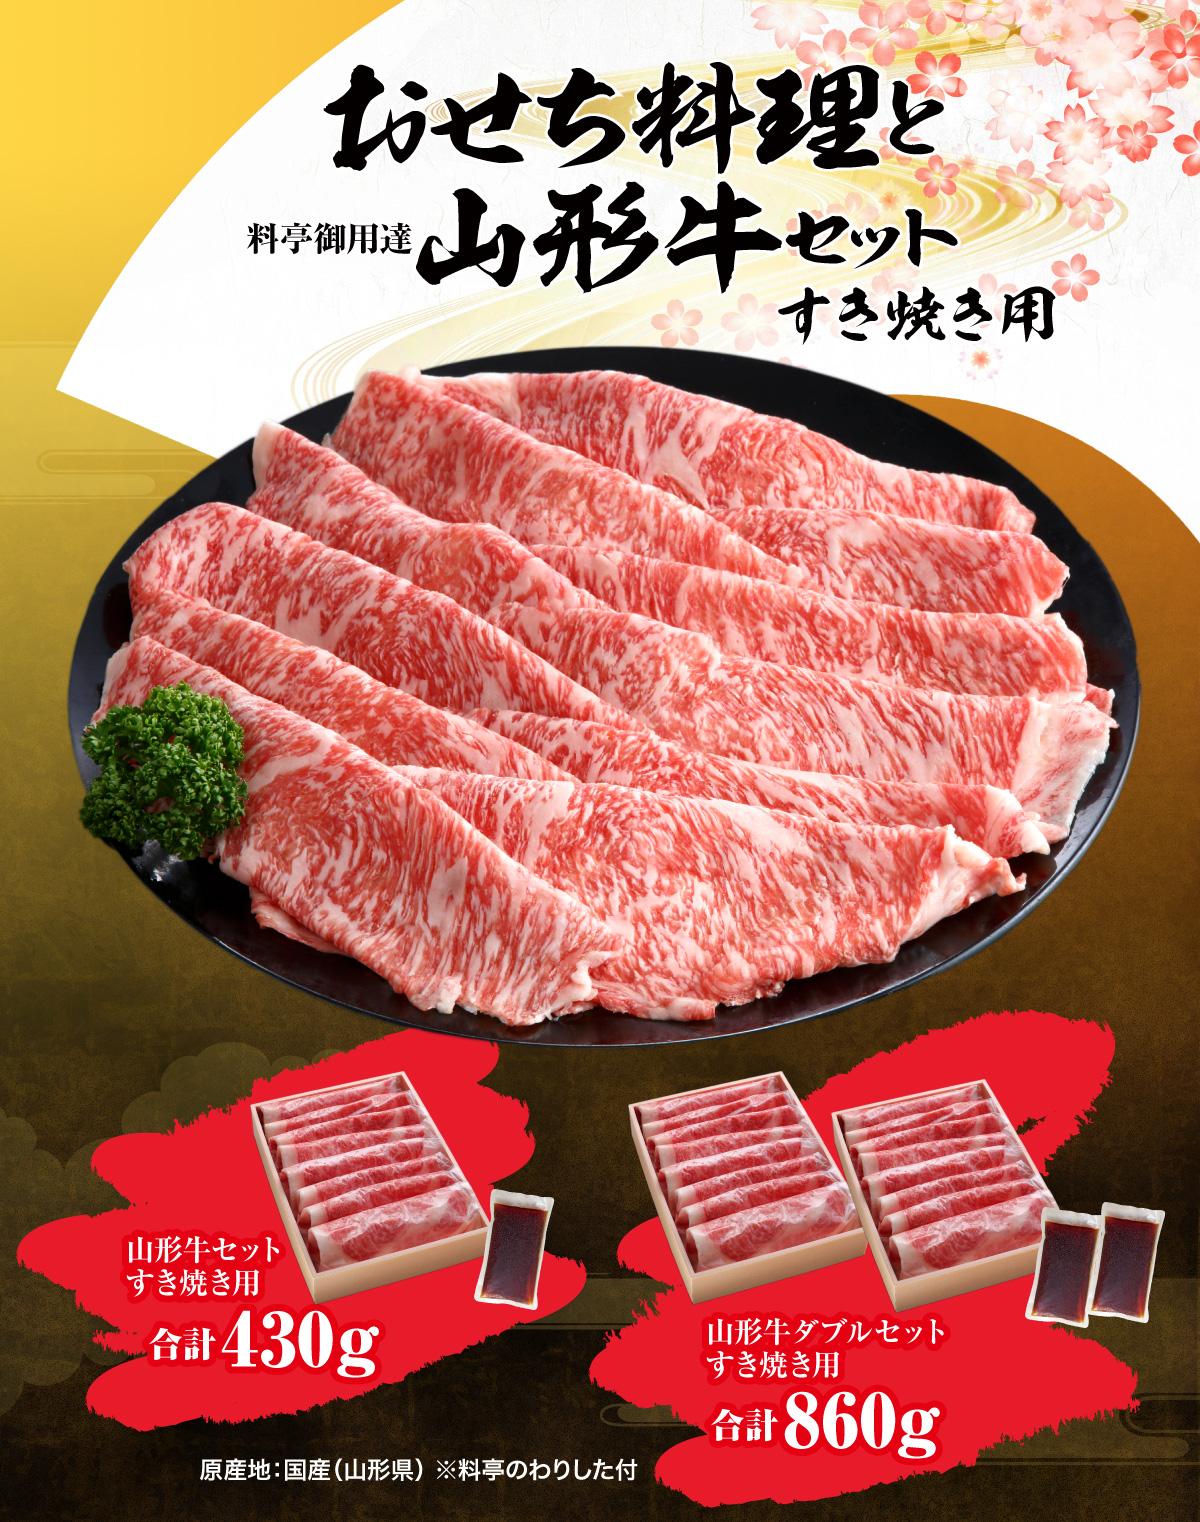 おせち料理と山形牛セット